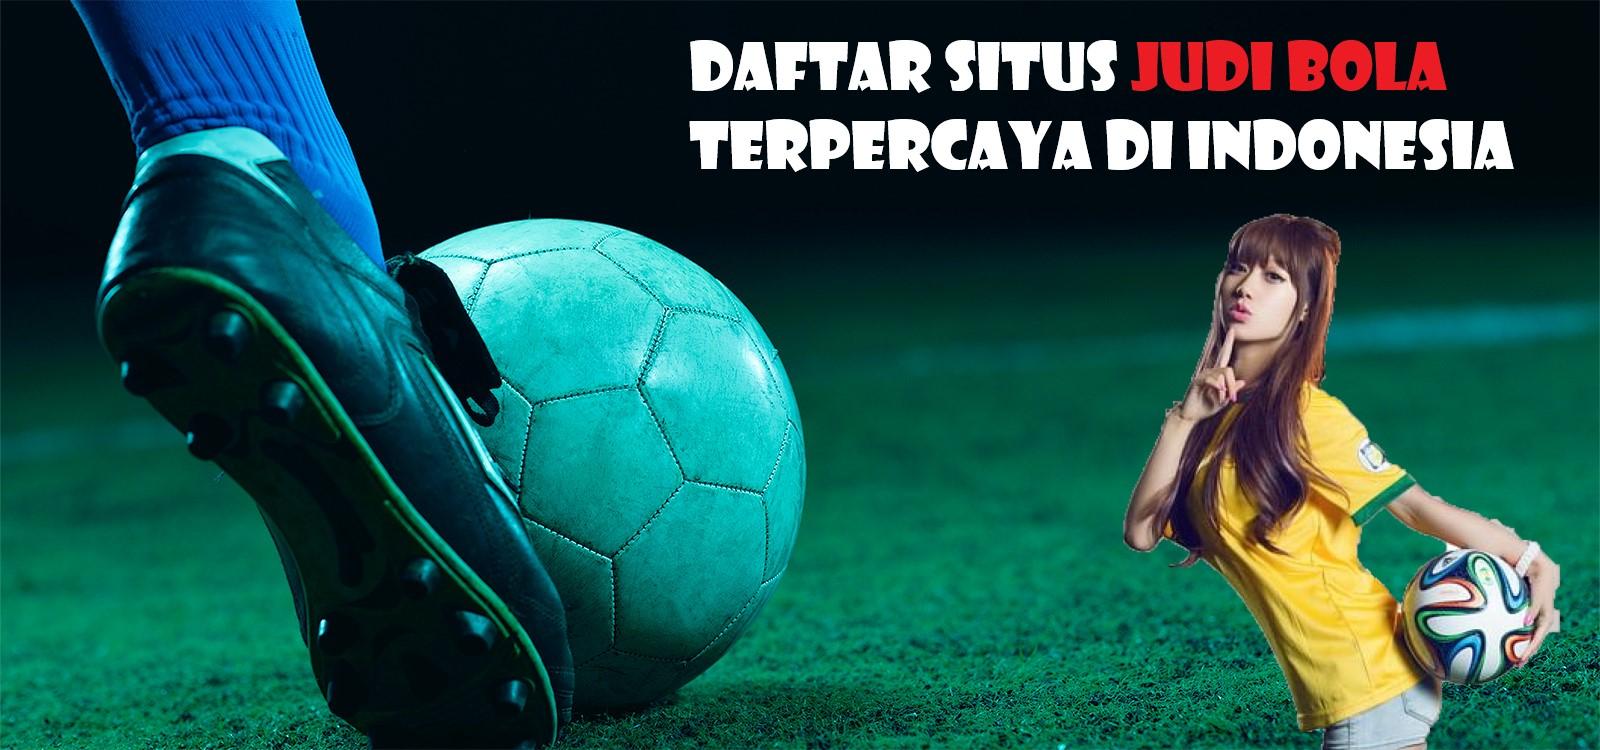 Daftar Situs Judi Bola Terpercaya Di Indonesia